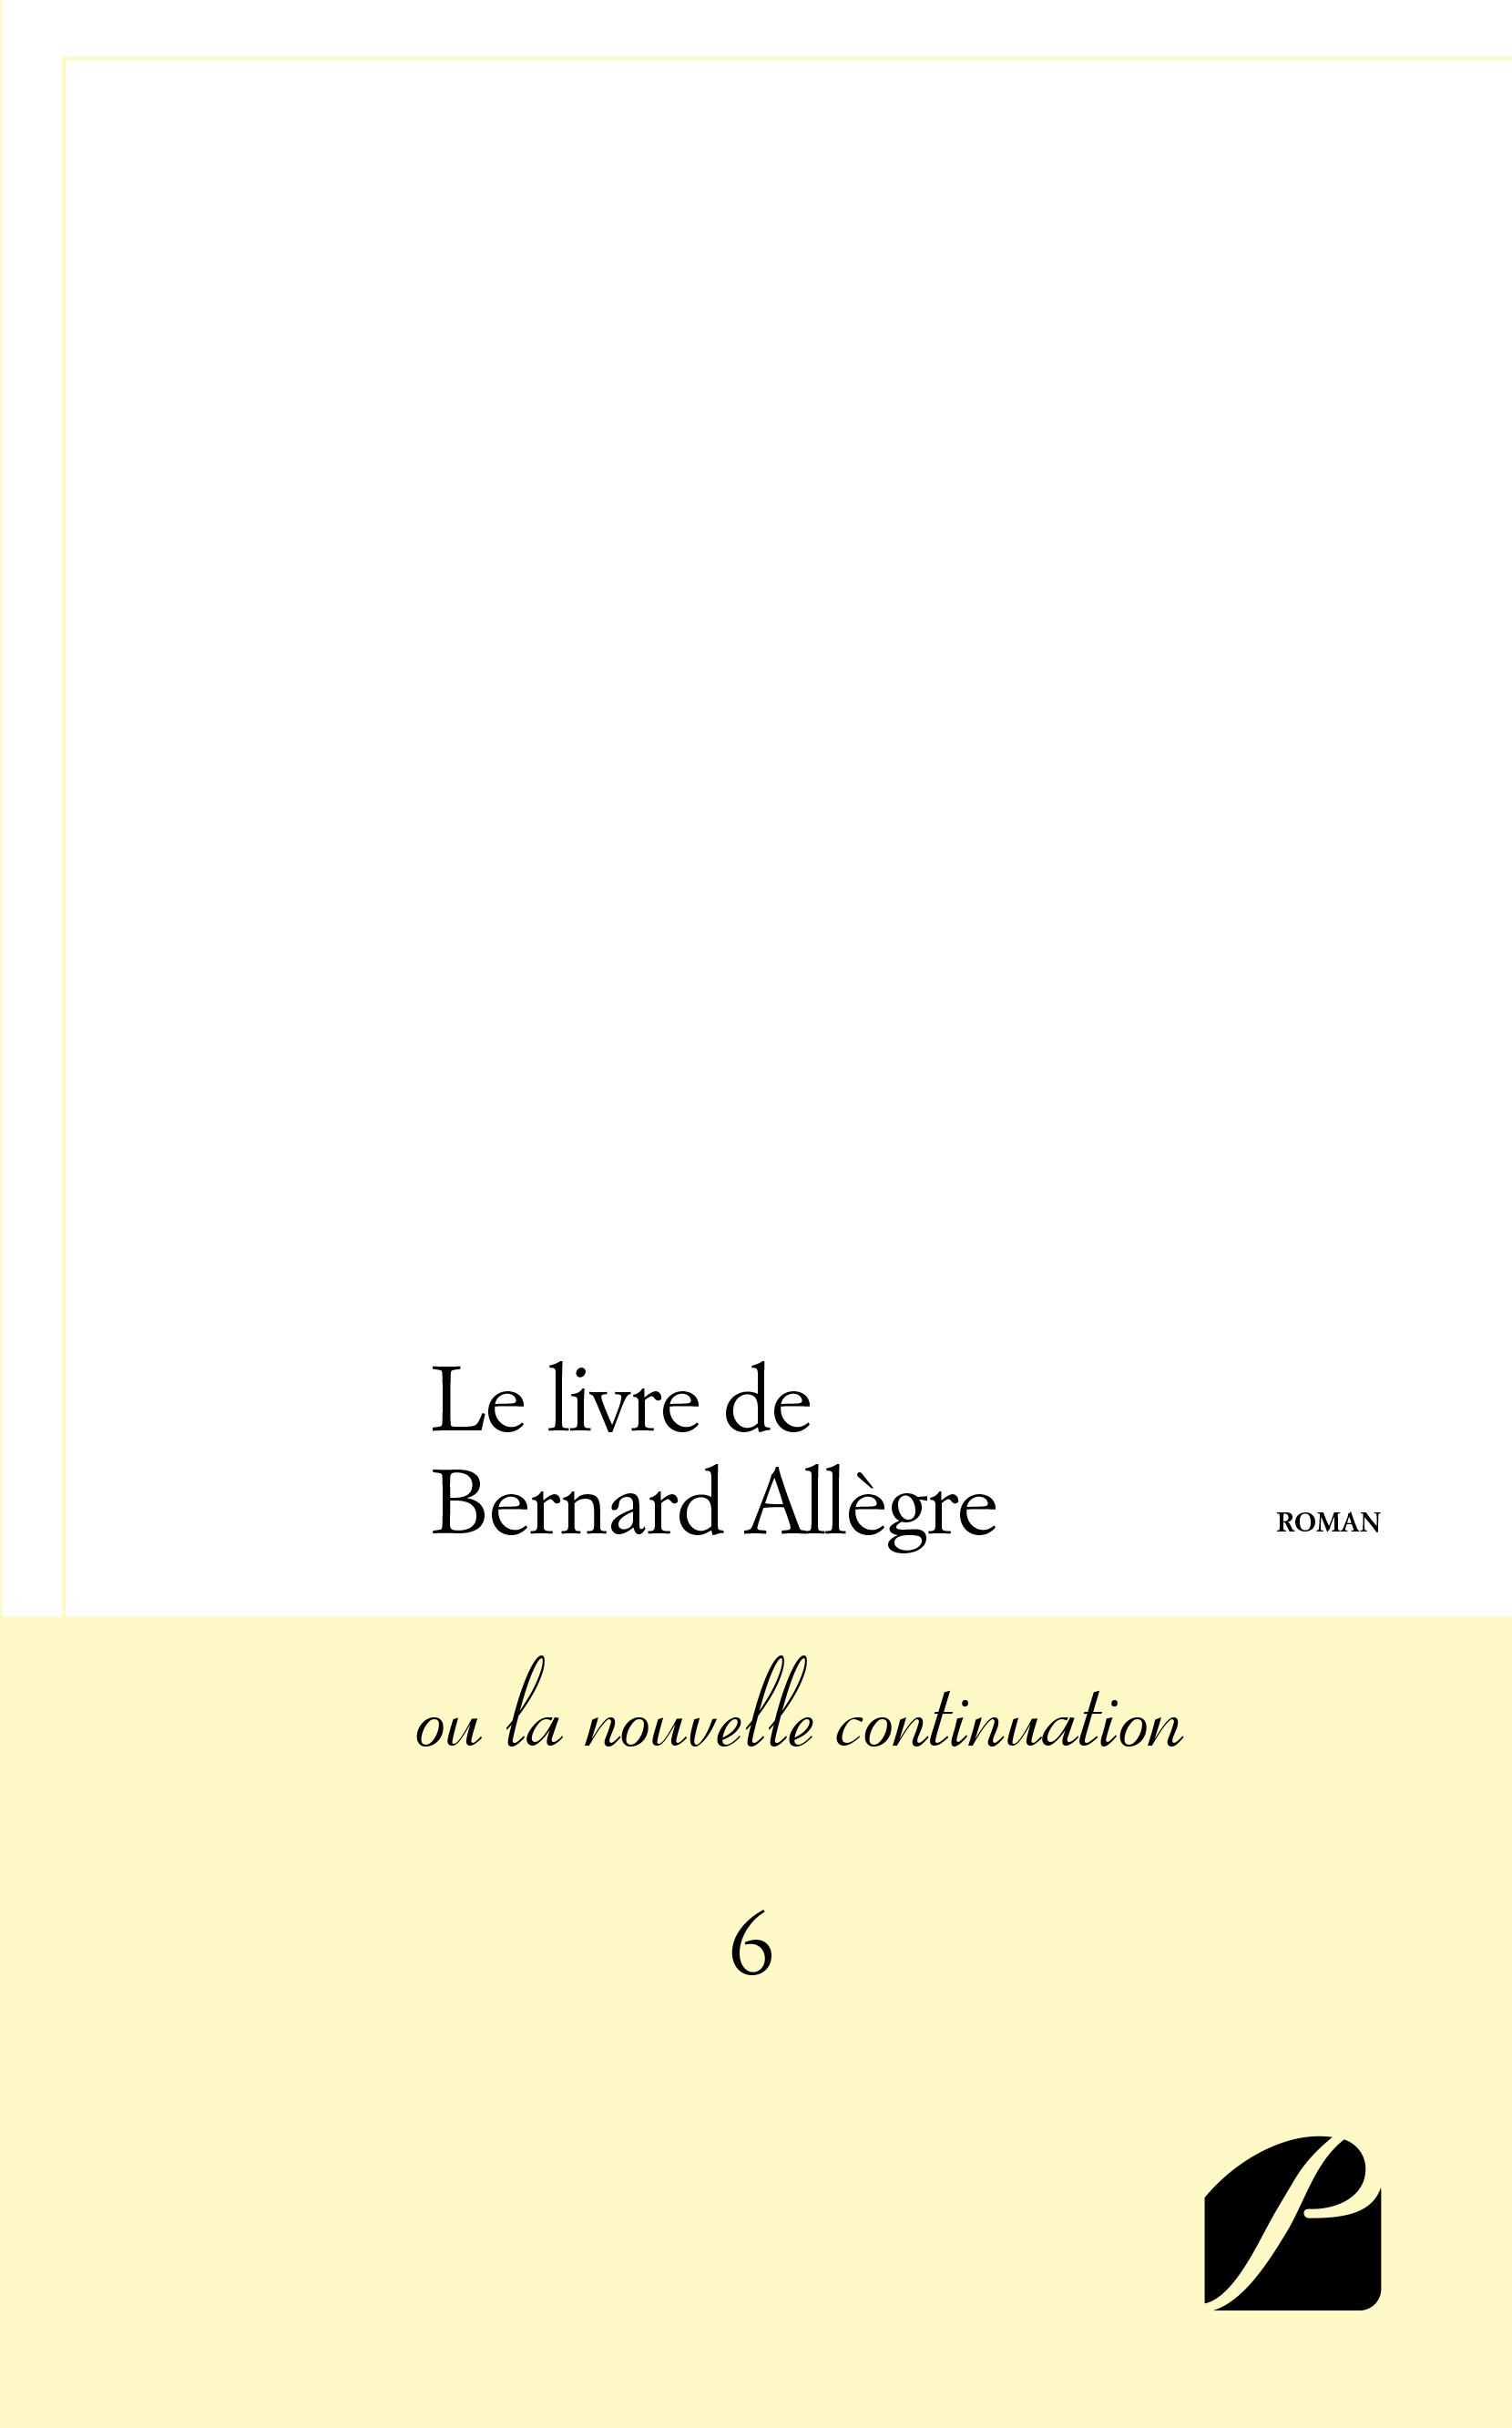 Le livre de bernard allegre - ou la nouvelle continuation - 6